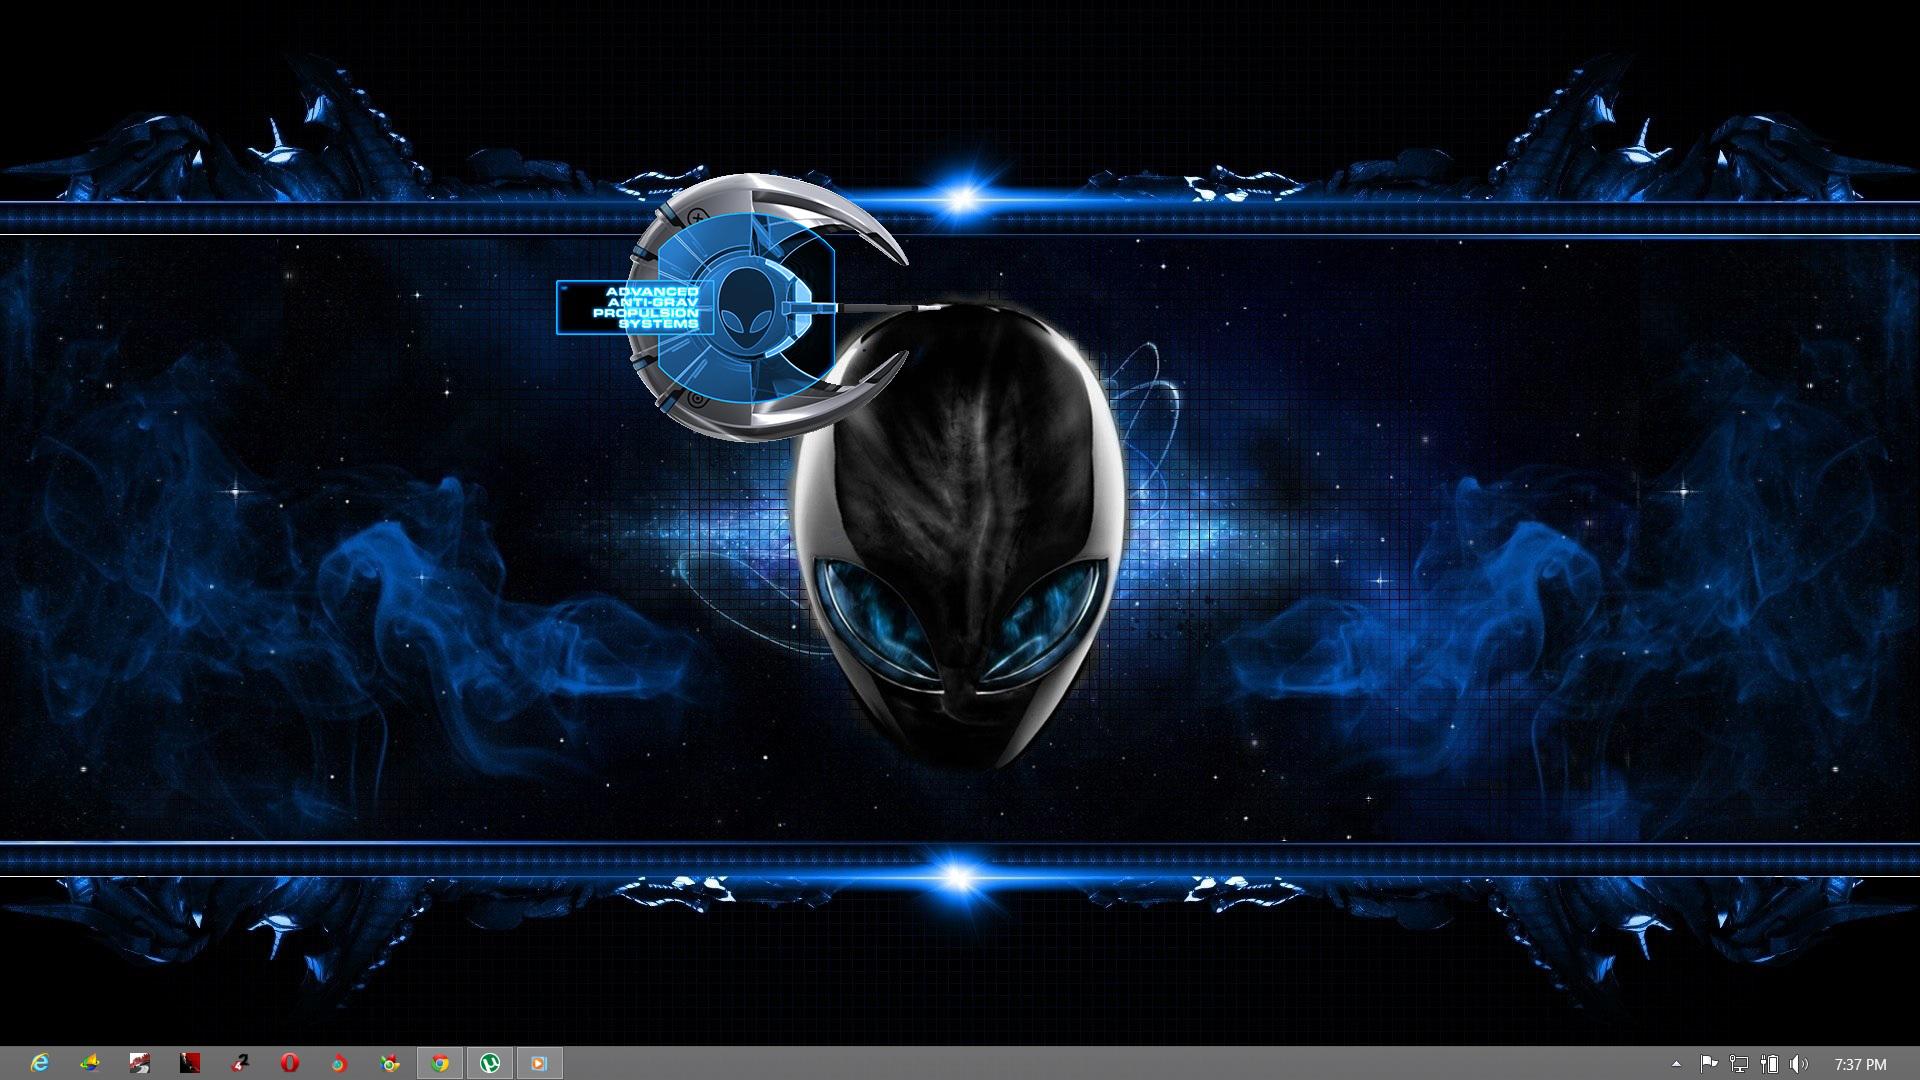 Alienware Wallpaper Windows 10 - WallpaperSafari